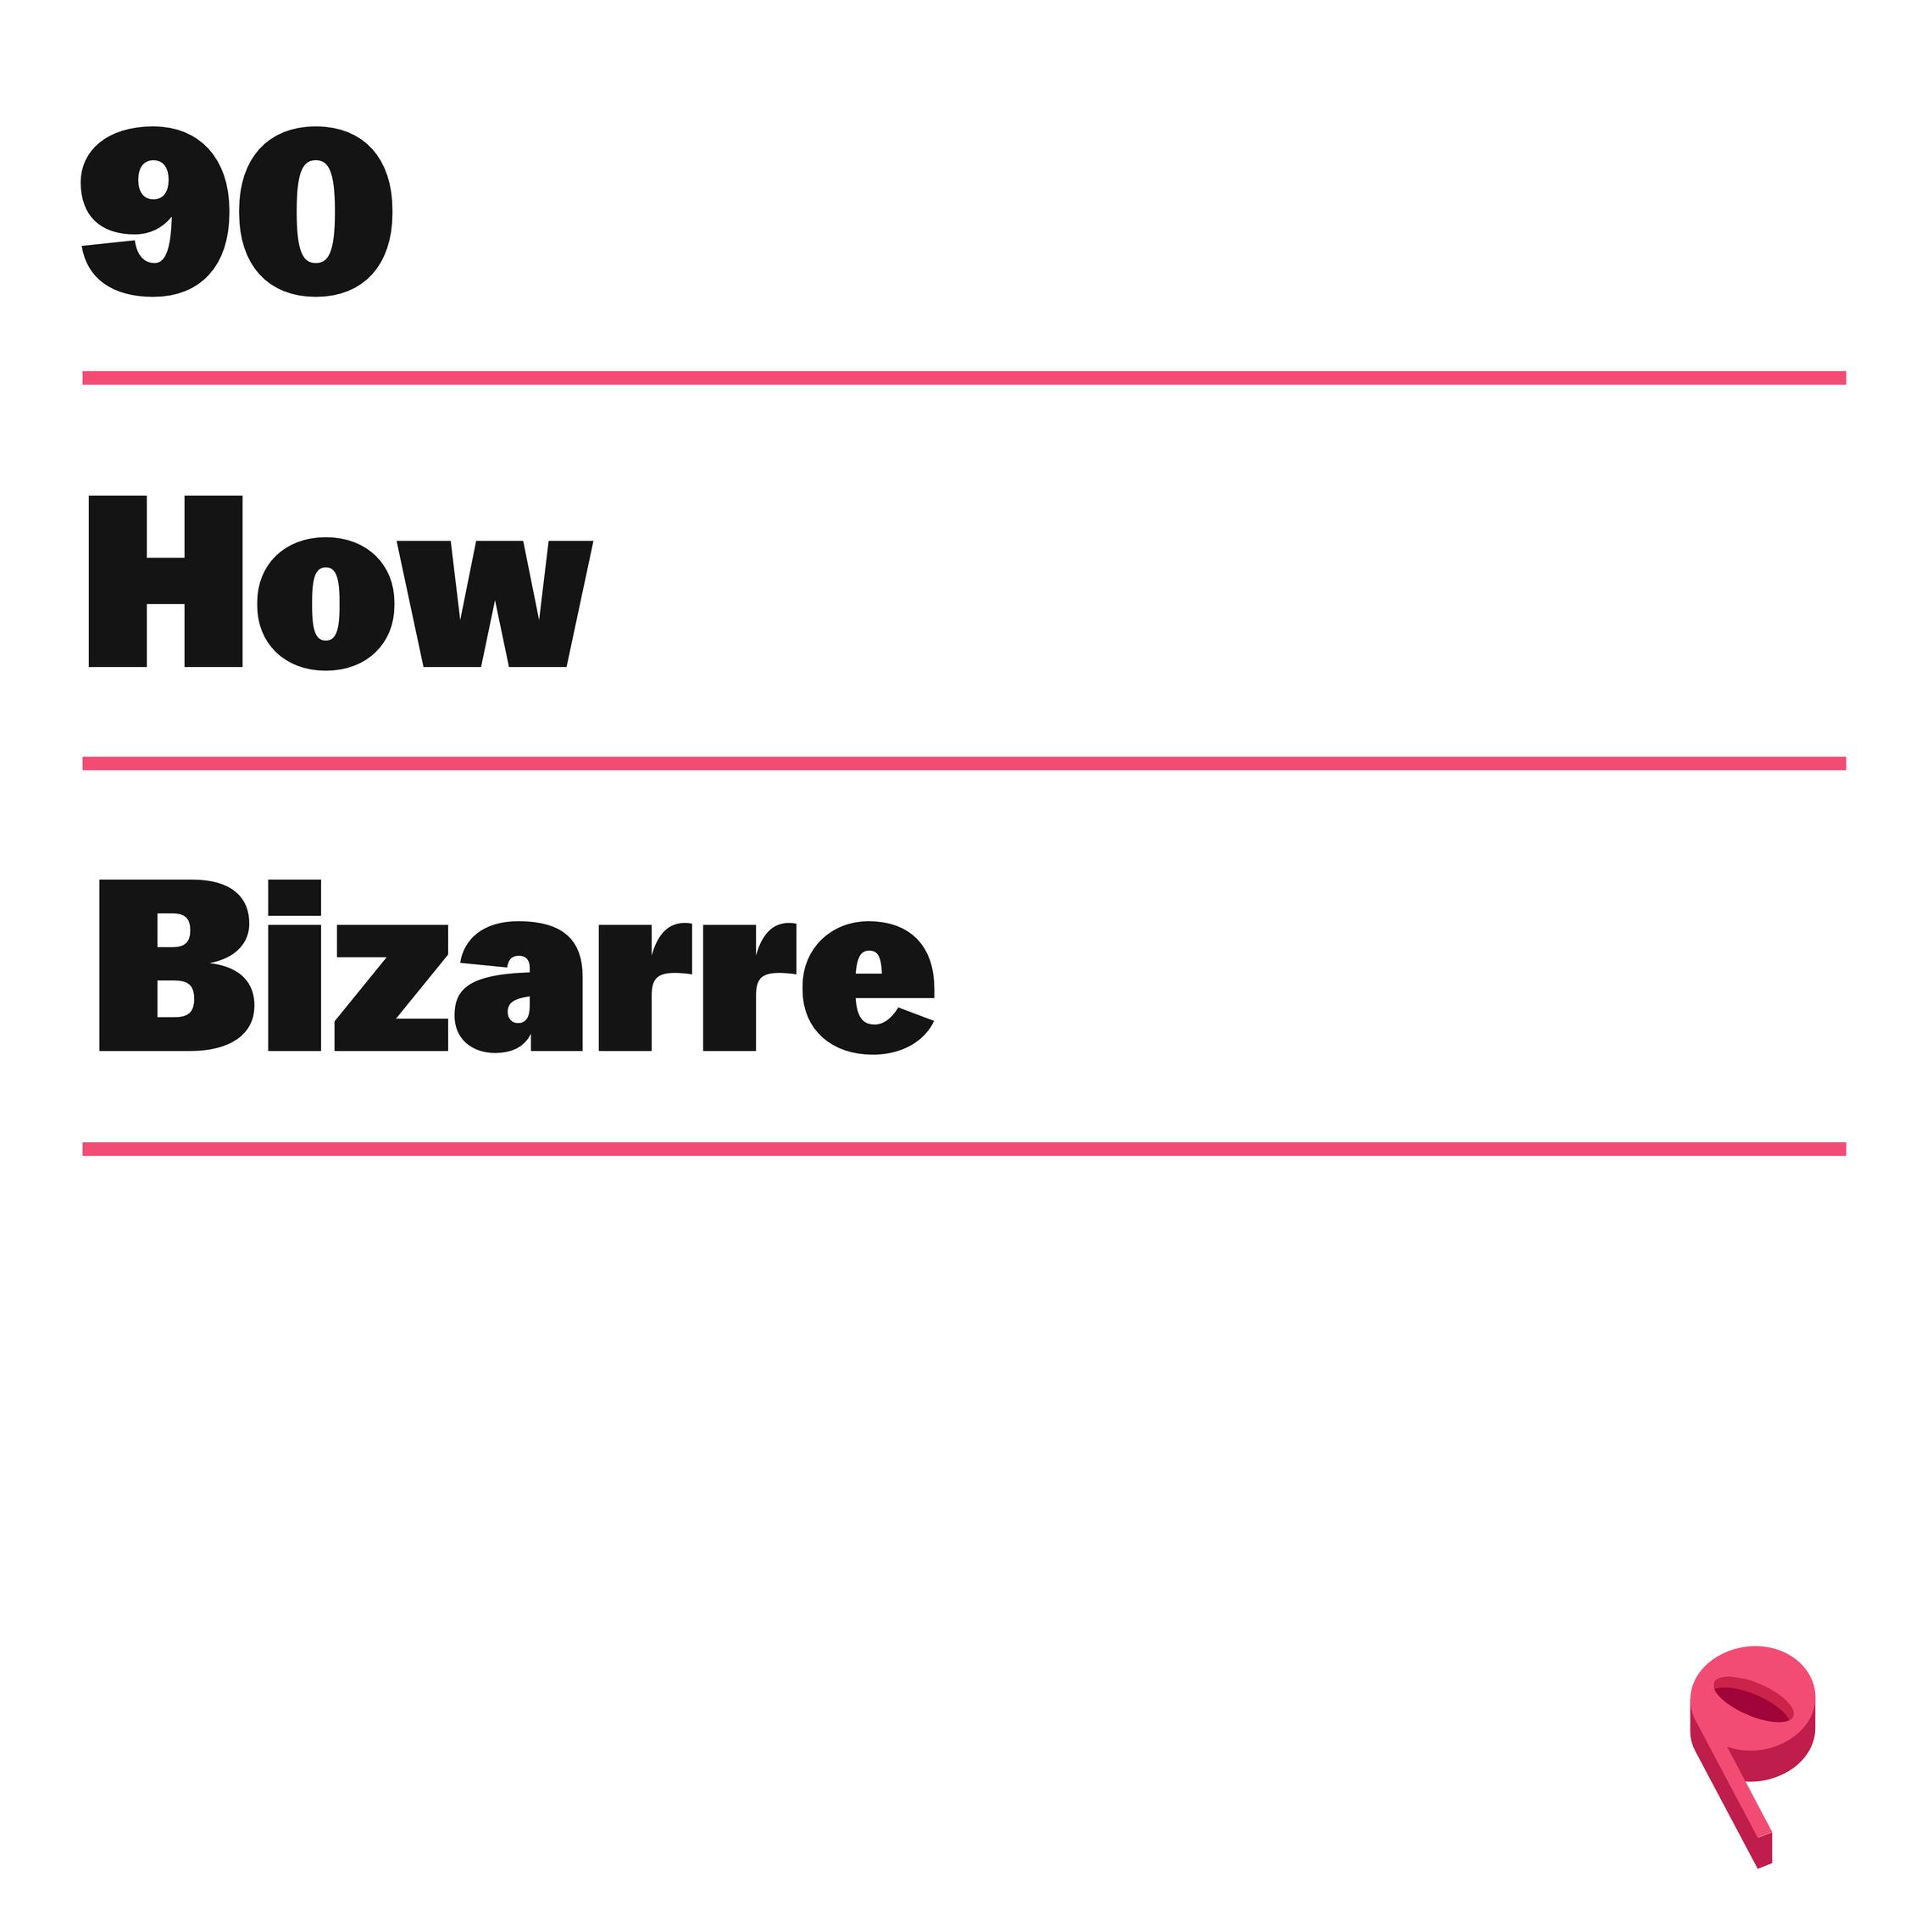 ICYMI: Why is 90s Pop so Bizarre?